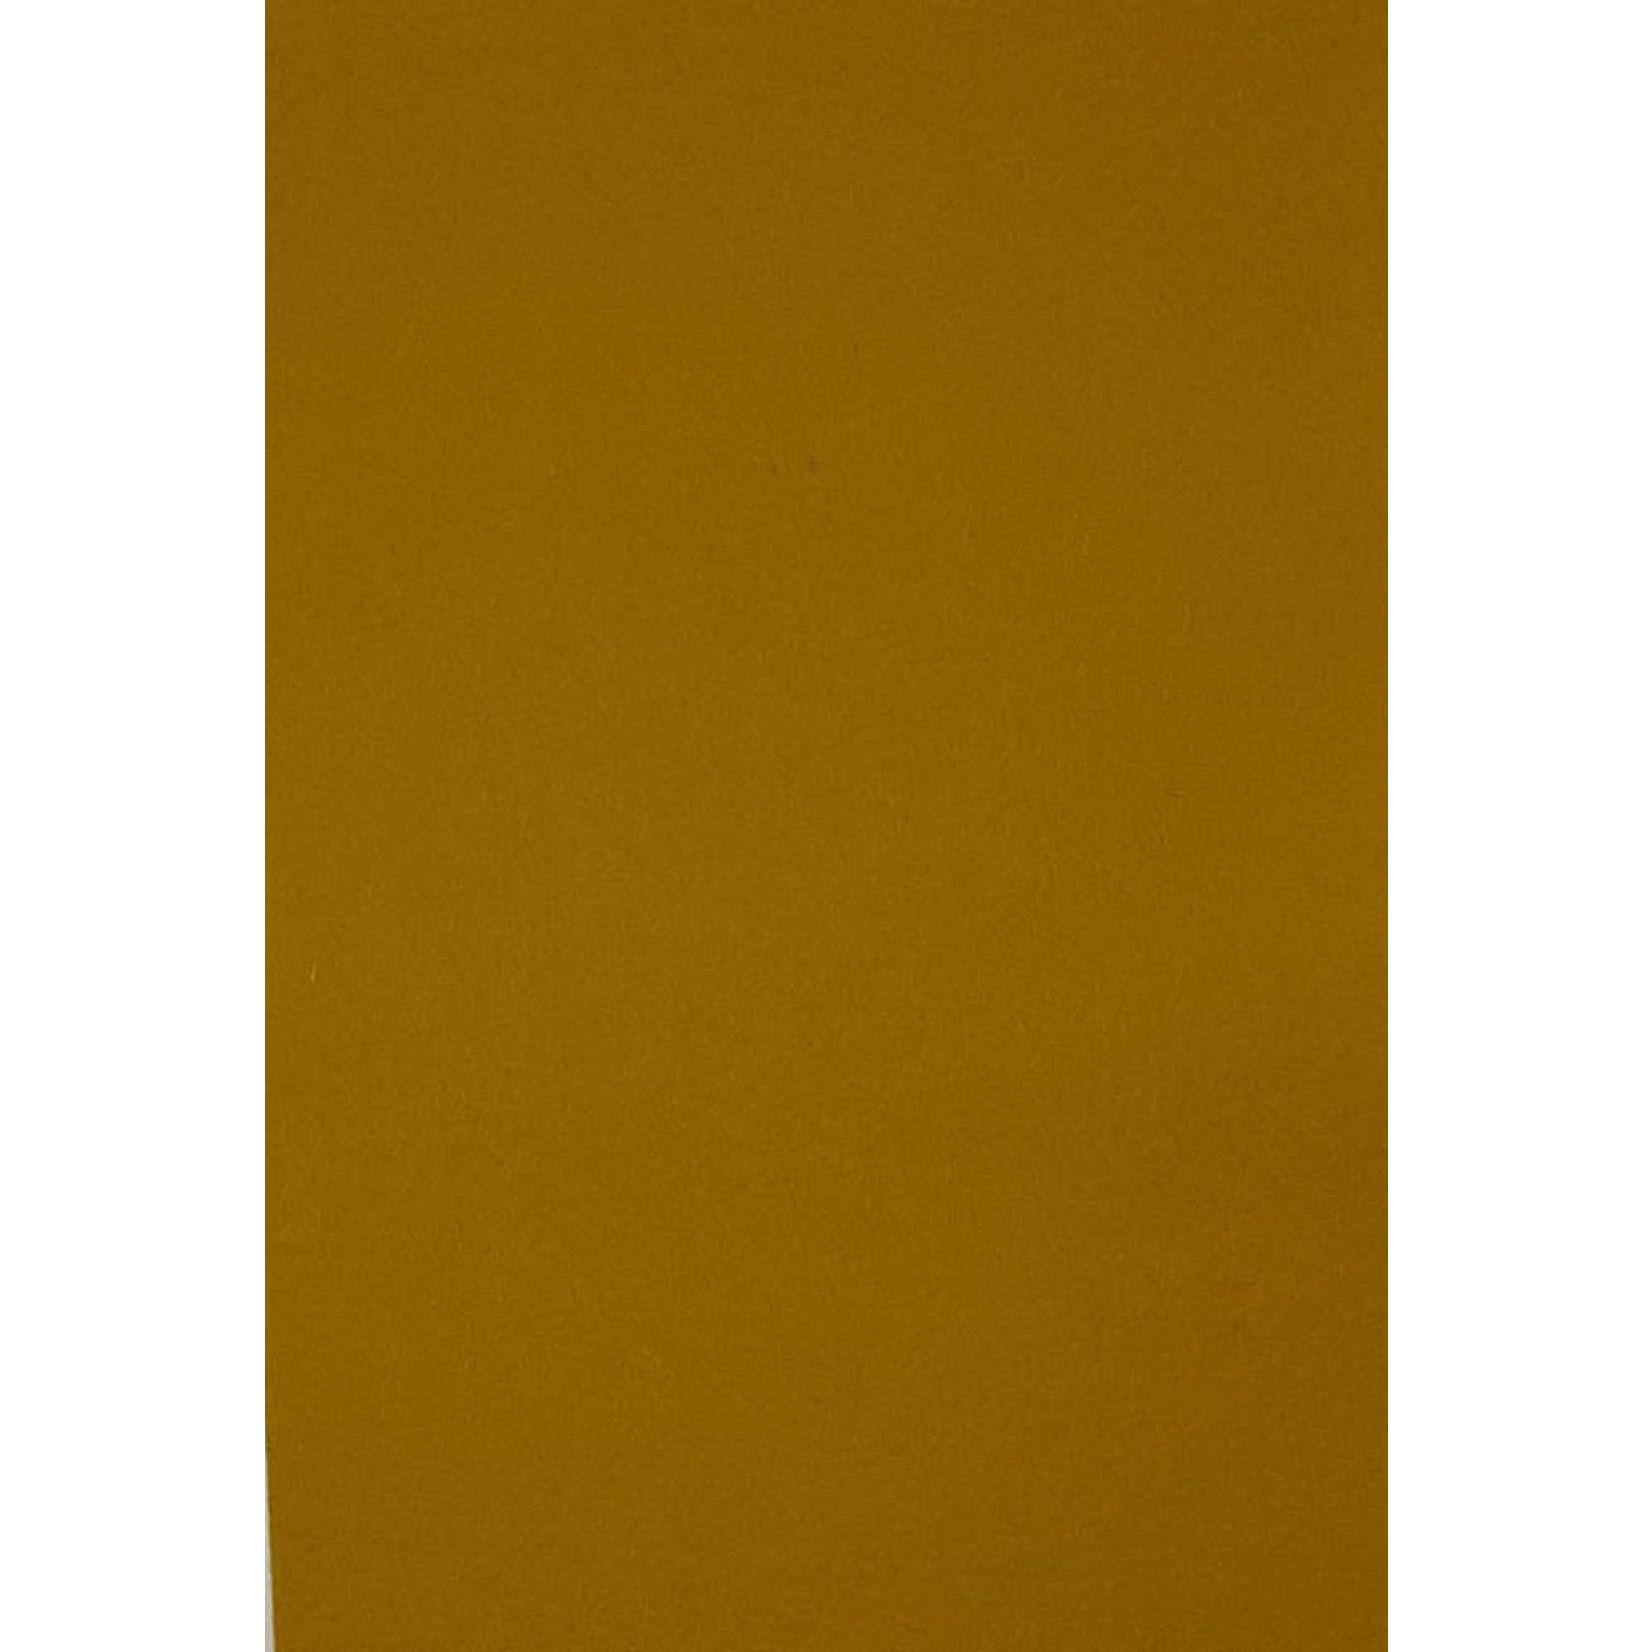 HollandFelt Wolvilt - lapje 20 x 30 cm. - kleur 12 - Mosterd - zuiver scheerwol- 1 mm. dik